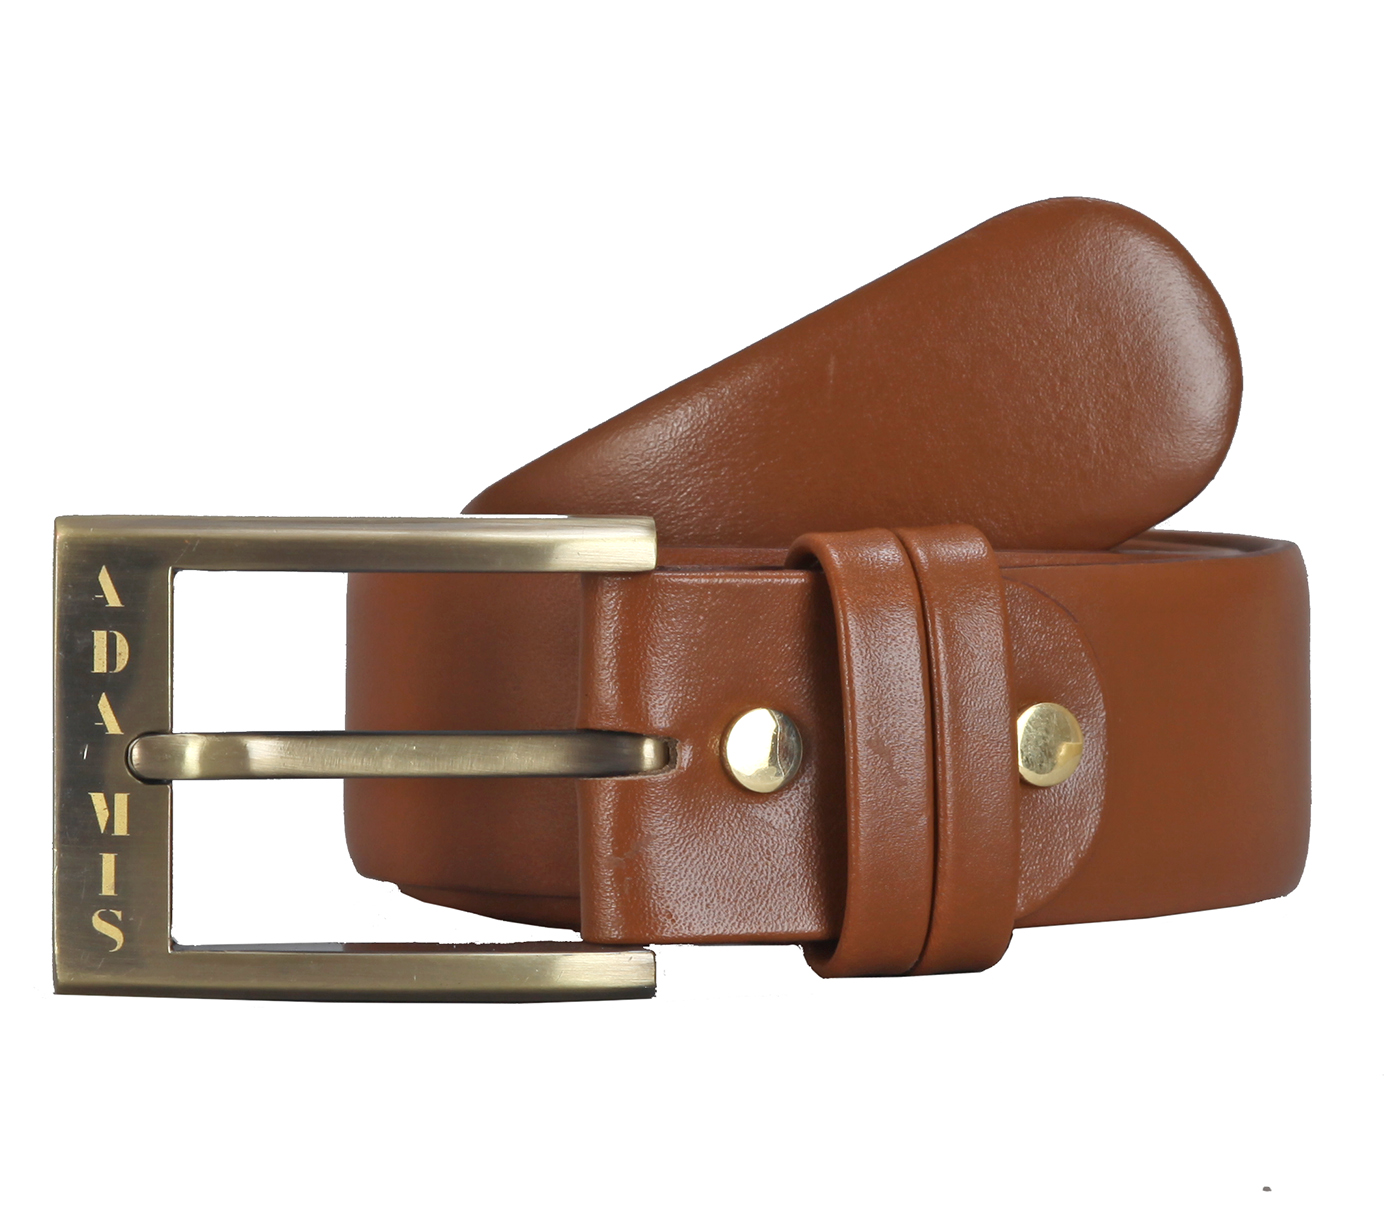 BL142--Men's Formal wear belt in Genuine Leather - Tan